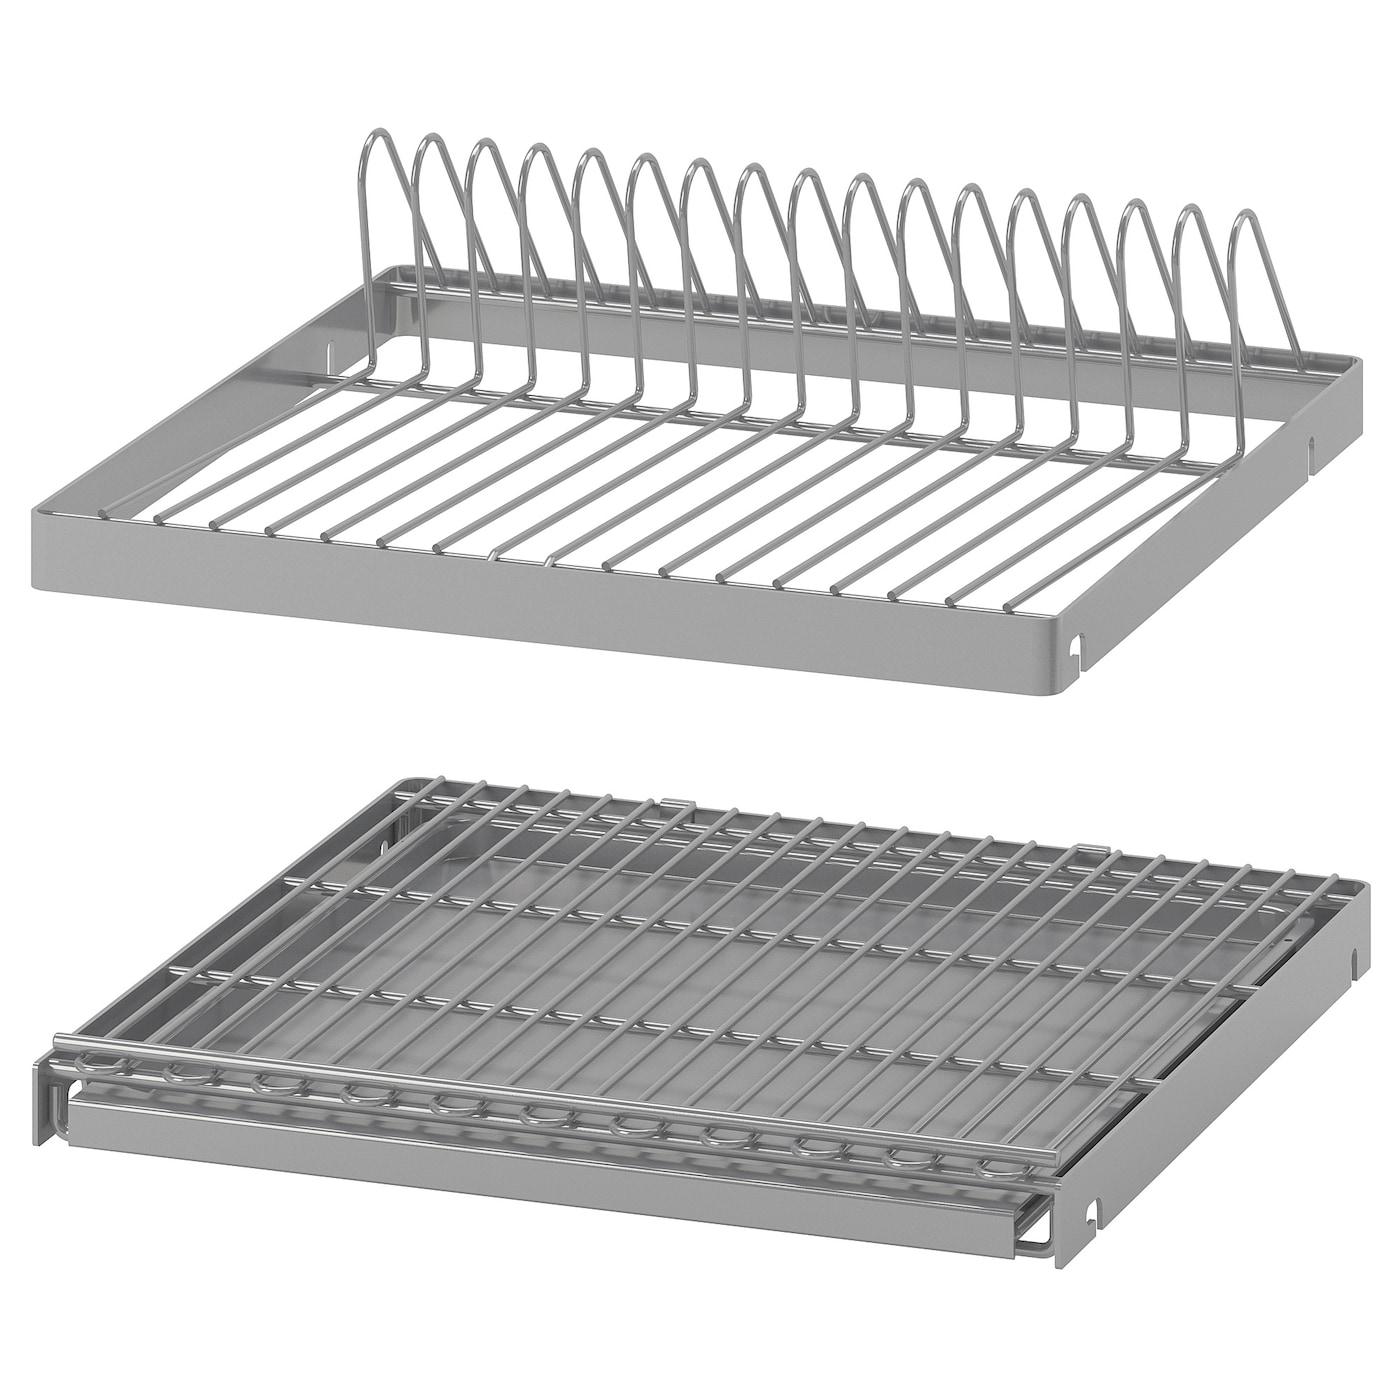 UTRUSTA | Küche und Esszimmer > Küchen-Zubehör > Halter und Haken | IKEA